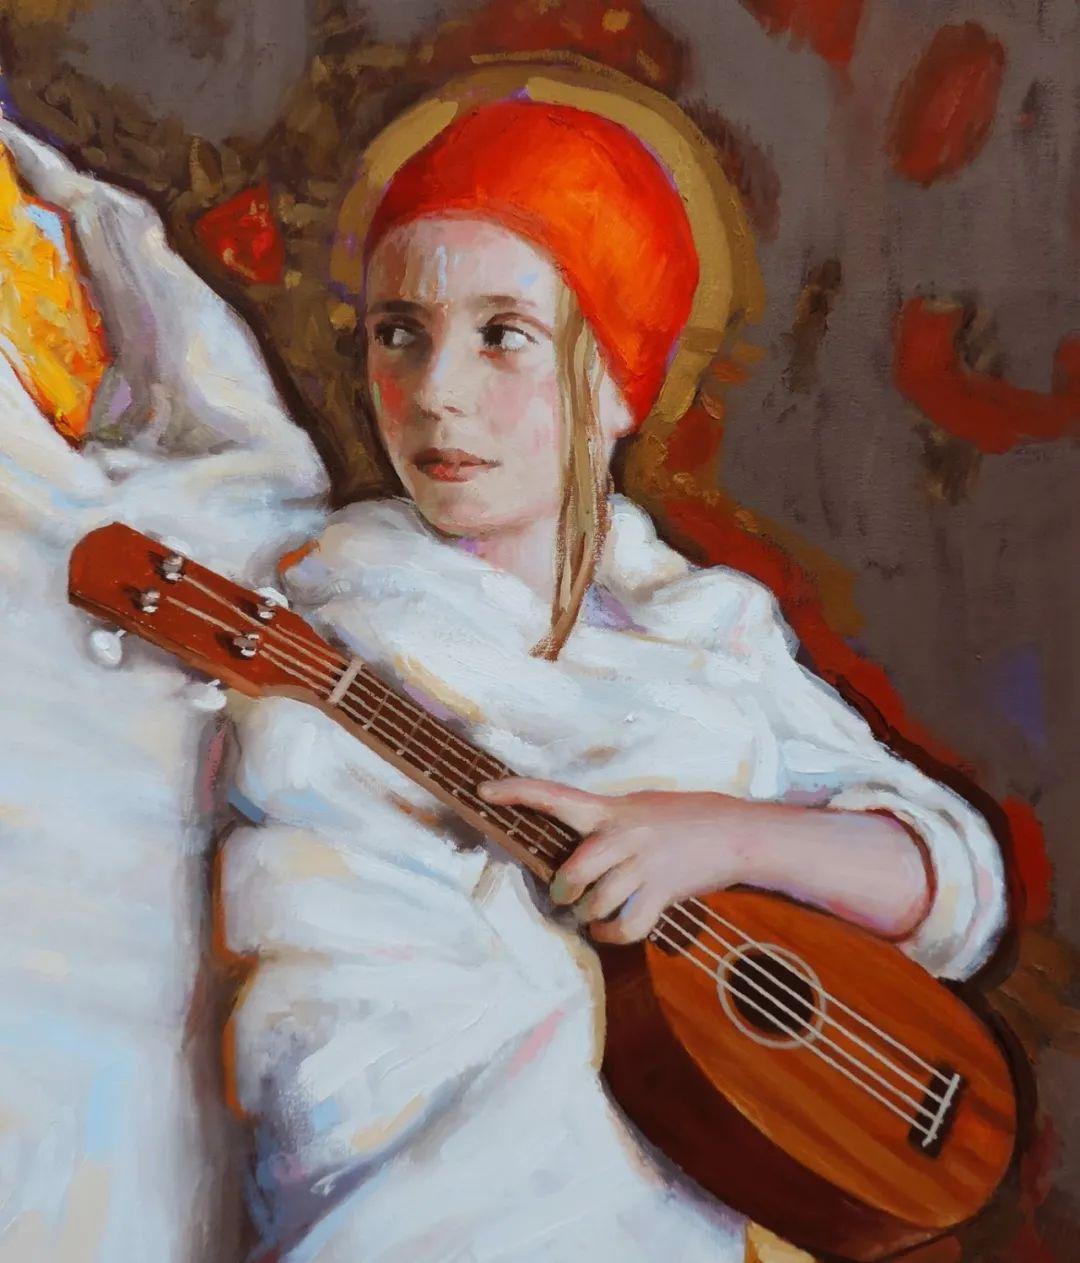 追随经典美学,阿根廷画家雨果·乌拉赫插图5